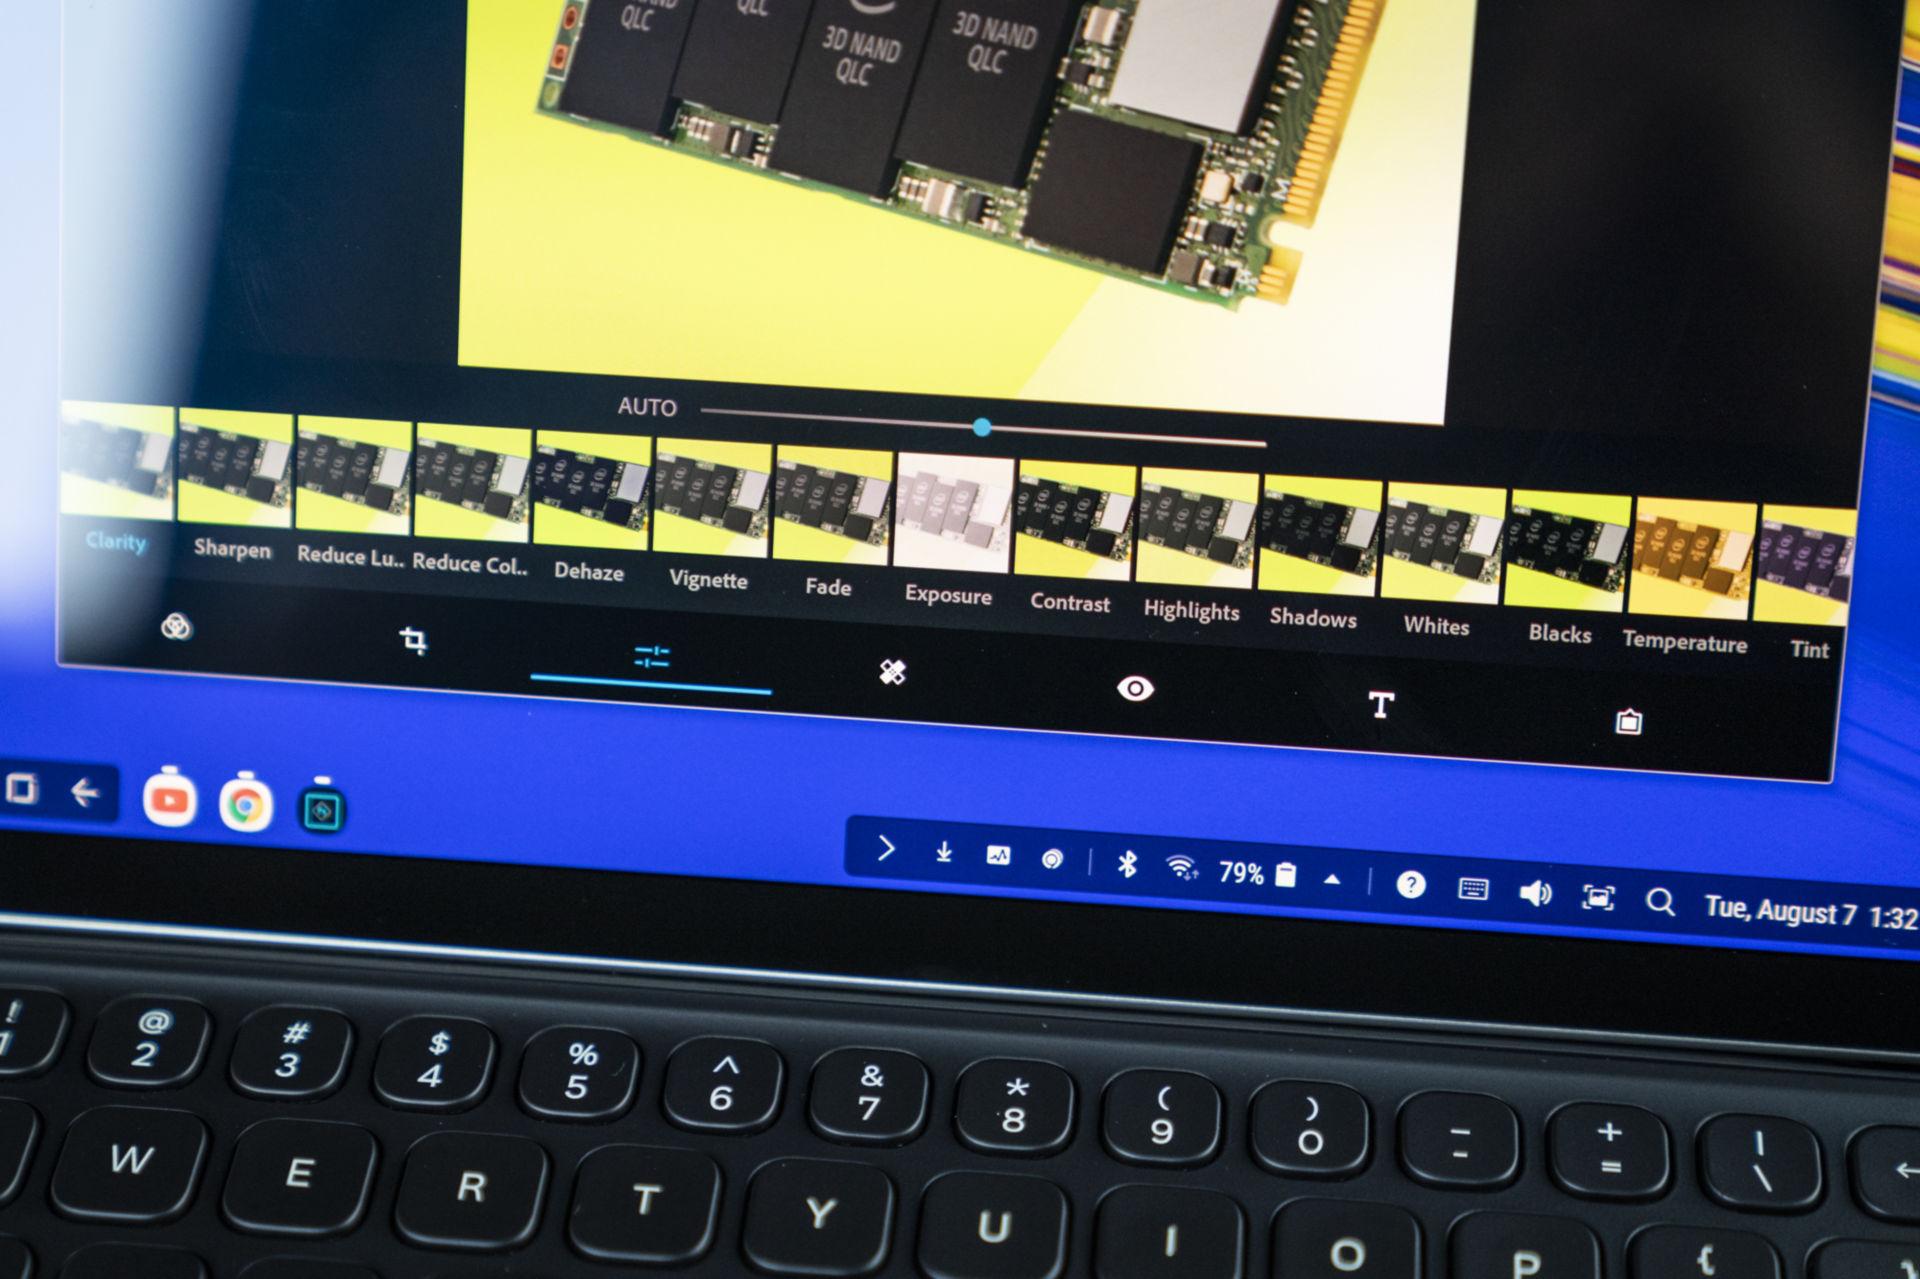 어도비 포토샵 익스프레스는 온전한 버전은 아니지만, 웹 퍼블리싱에 필요한 모든 툴을 제공한다.